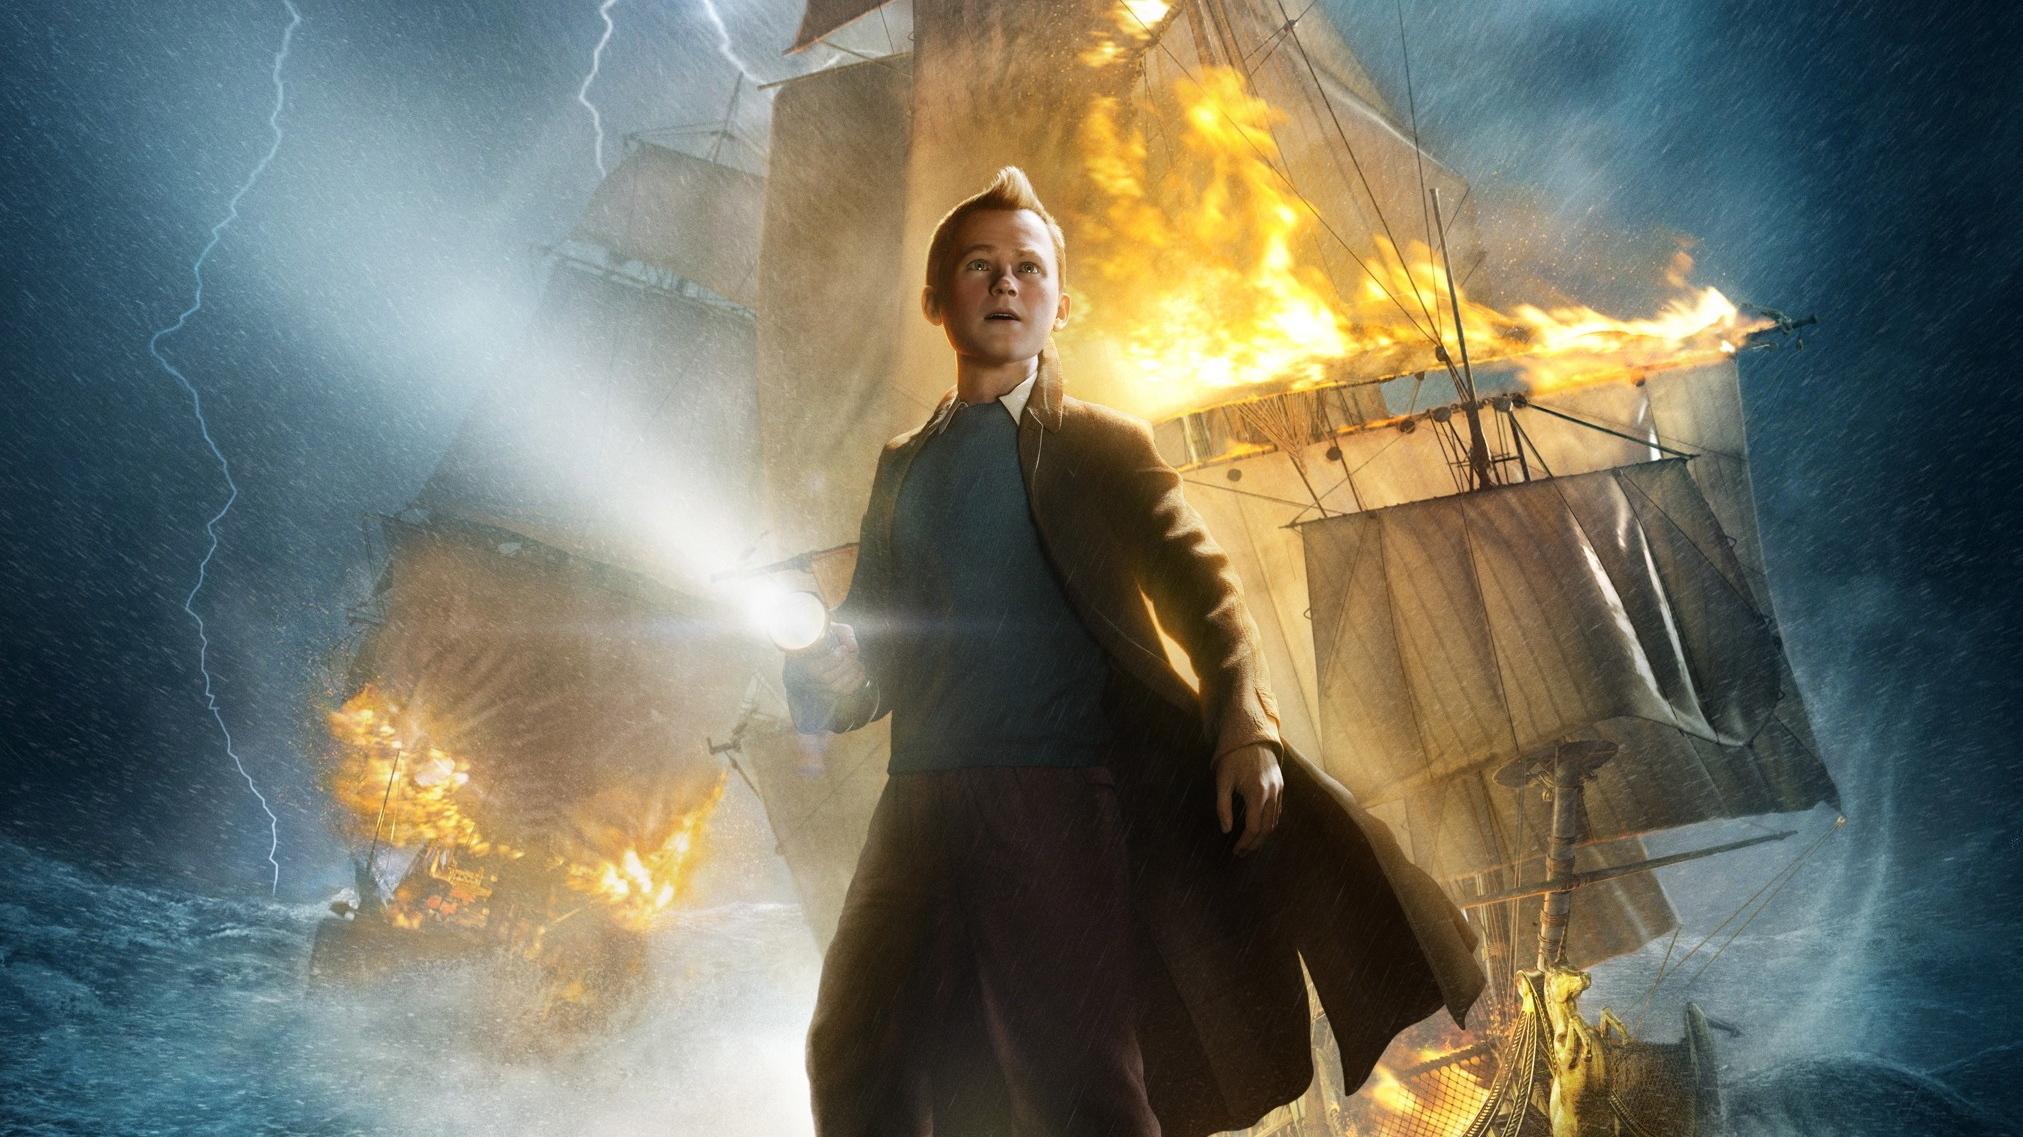 peter jackson directing 'tintin' sequel after 'secret' amblin